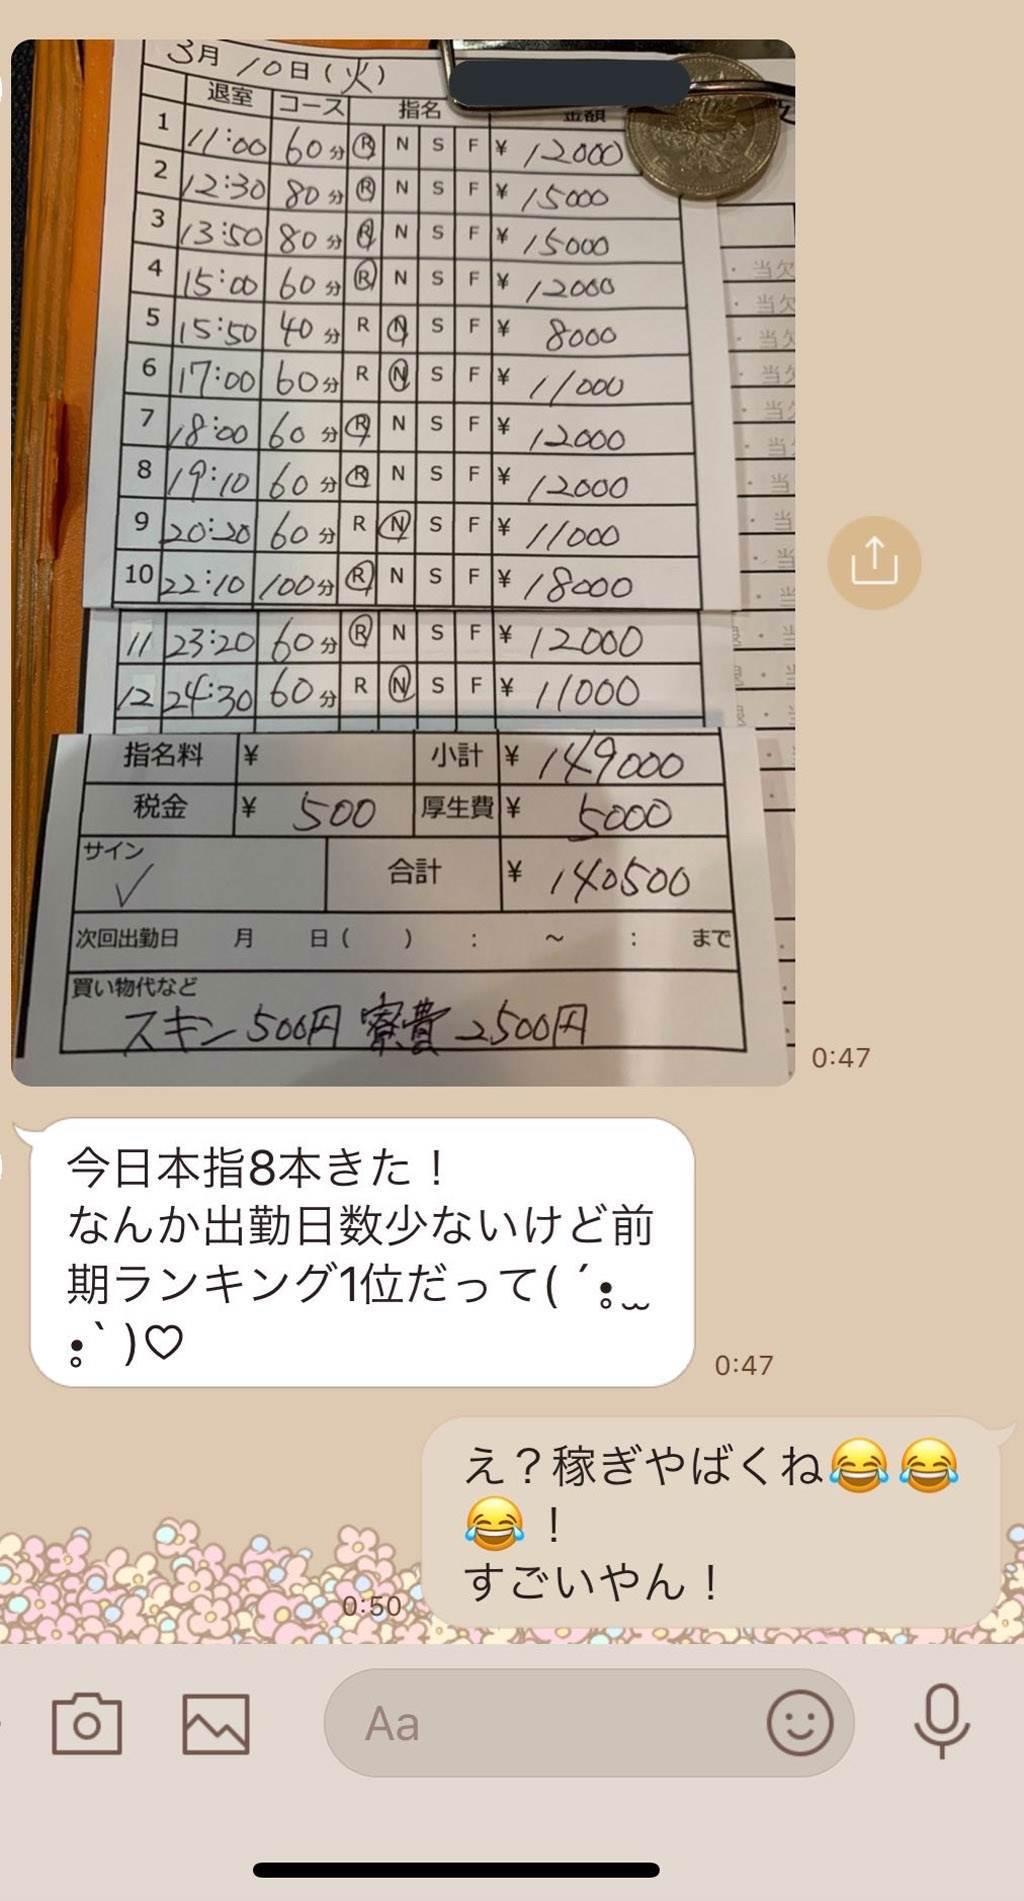 日本風俗孃長達13時半的馬拉松性愛,期間總共接客12次。(圖/翻攝自2ch)